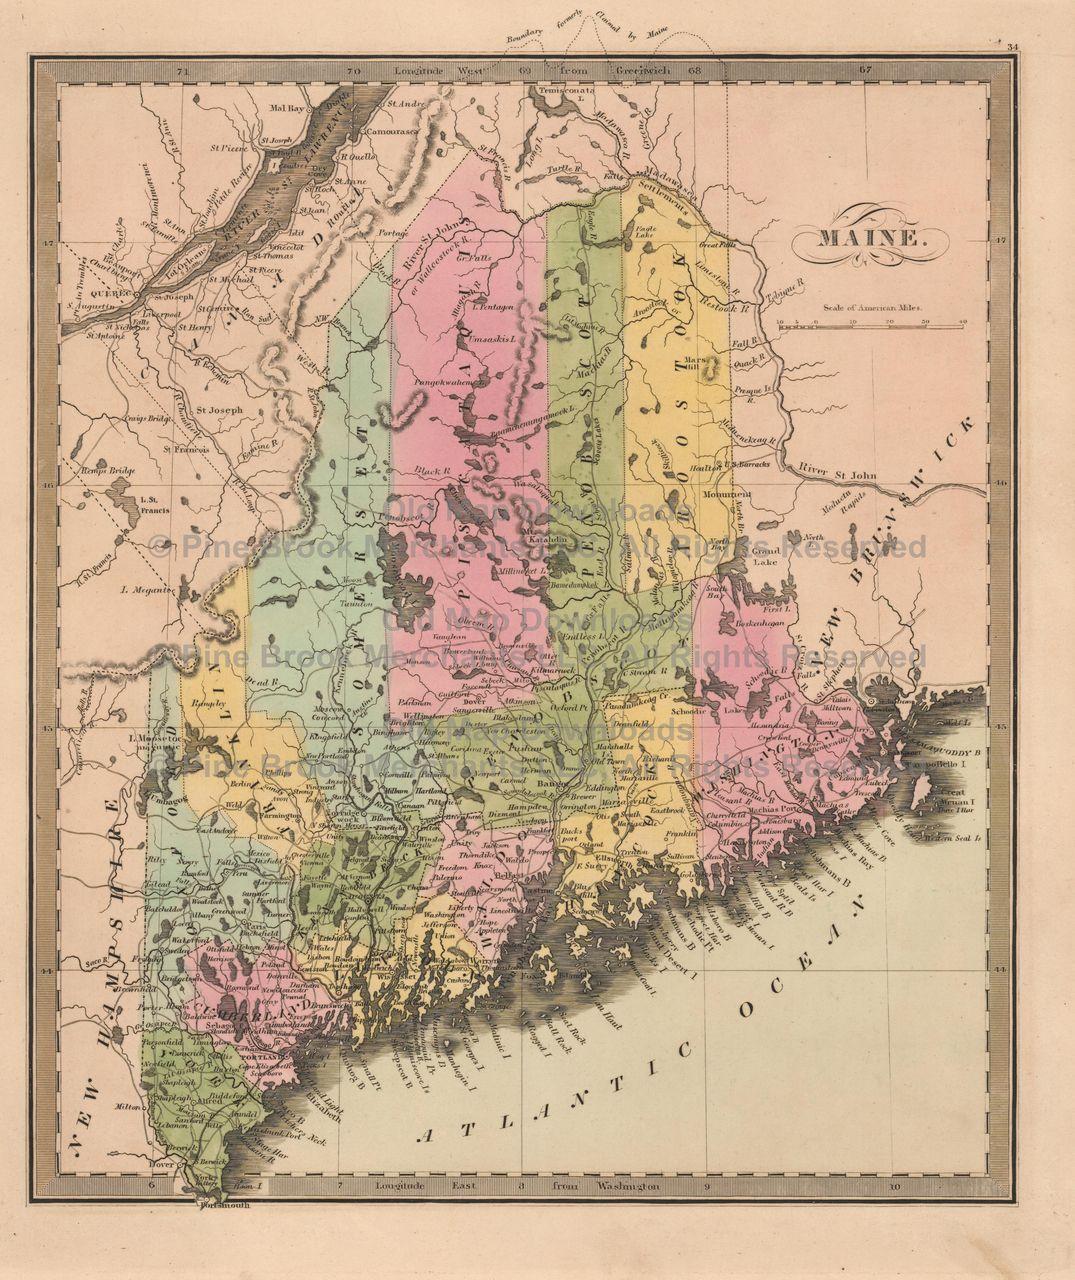 Maine Old Map Greenleaf 1844 Digital Image Scan Download Printable